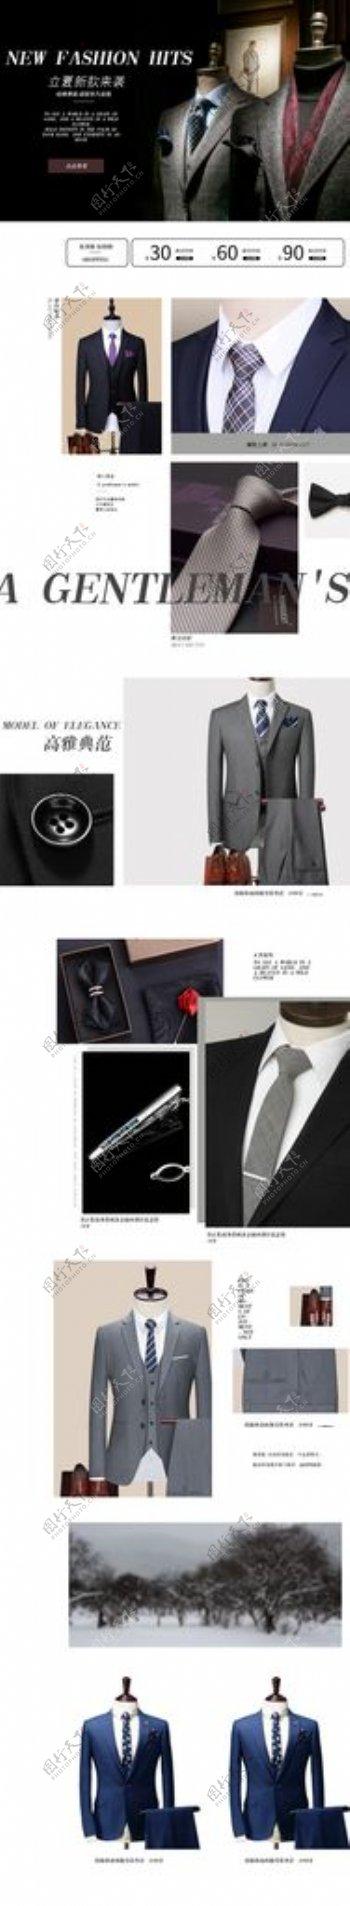 高端商务男装服饰淘宝首页图片